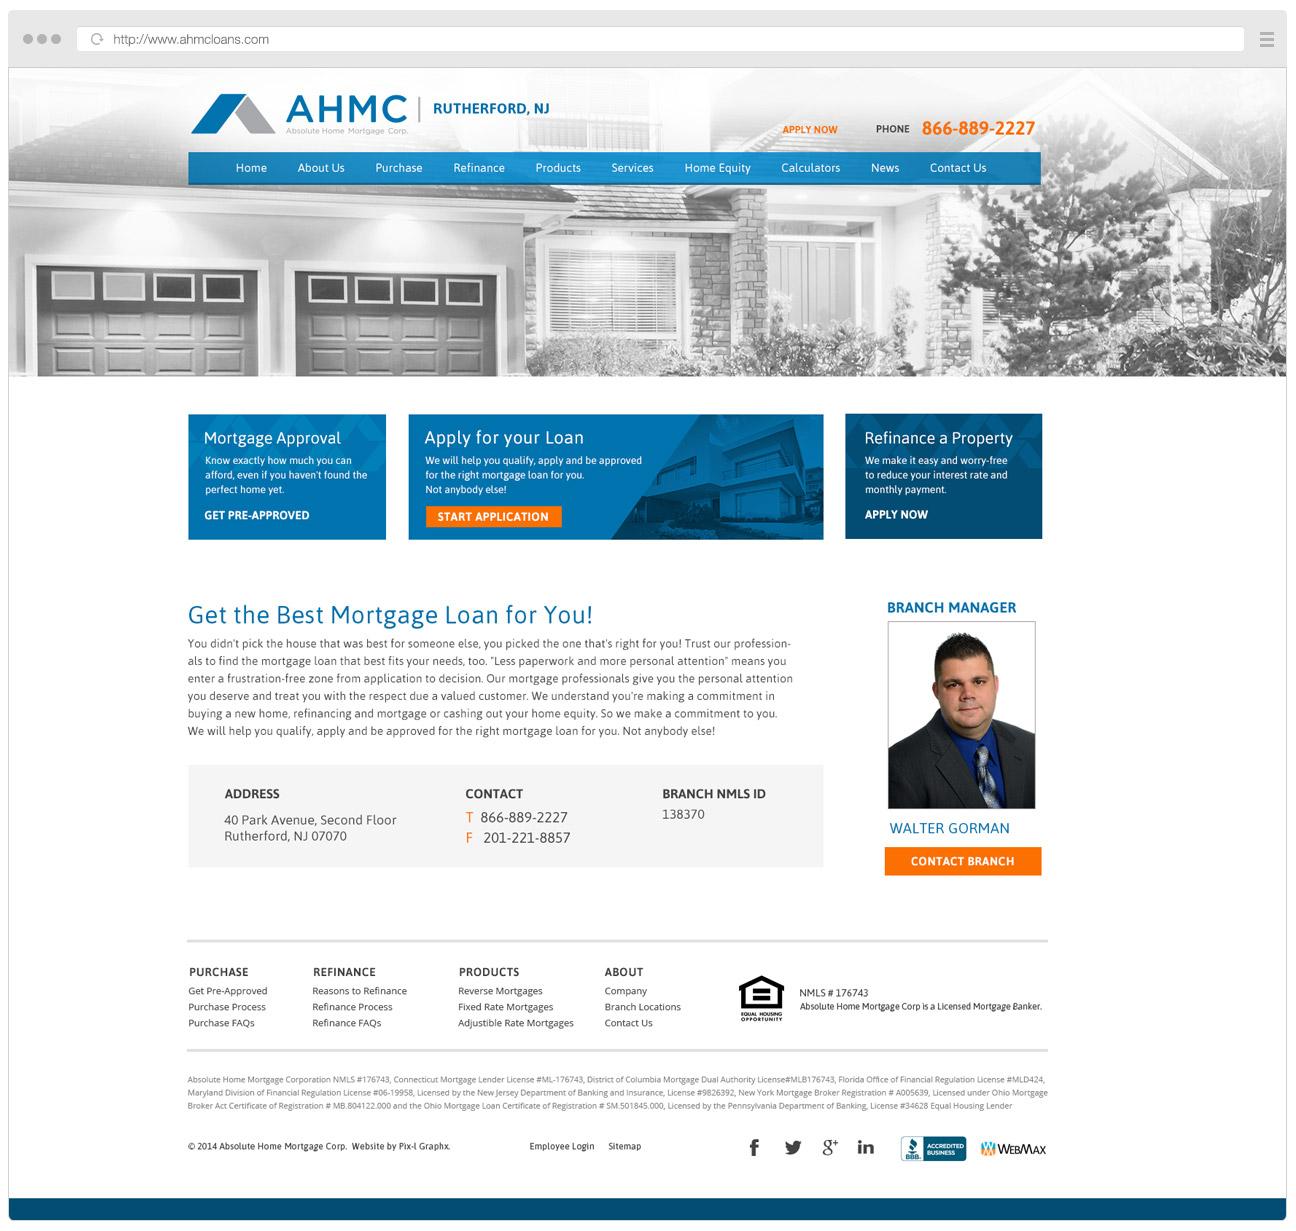 ahmc-website-2